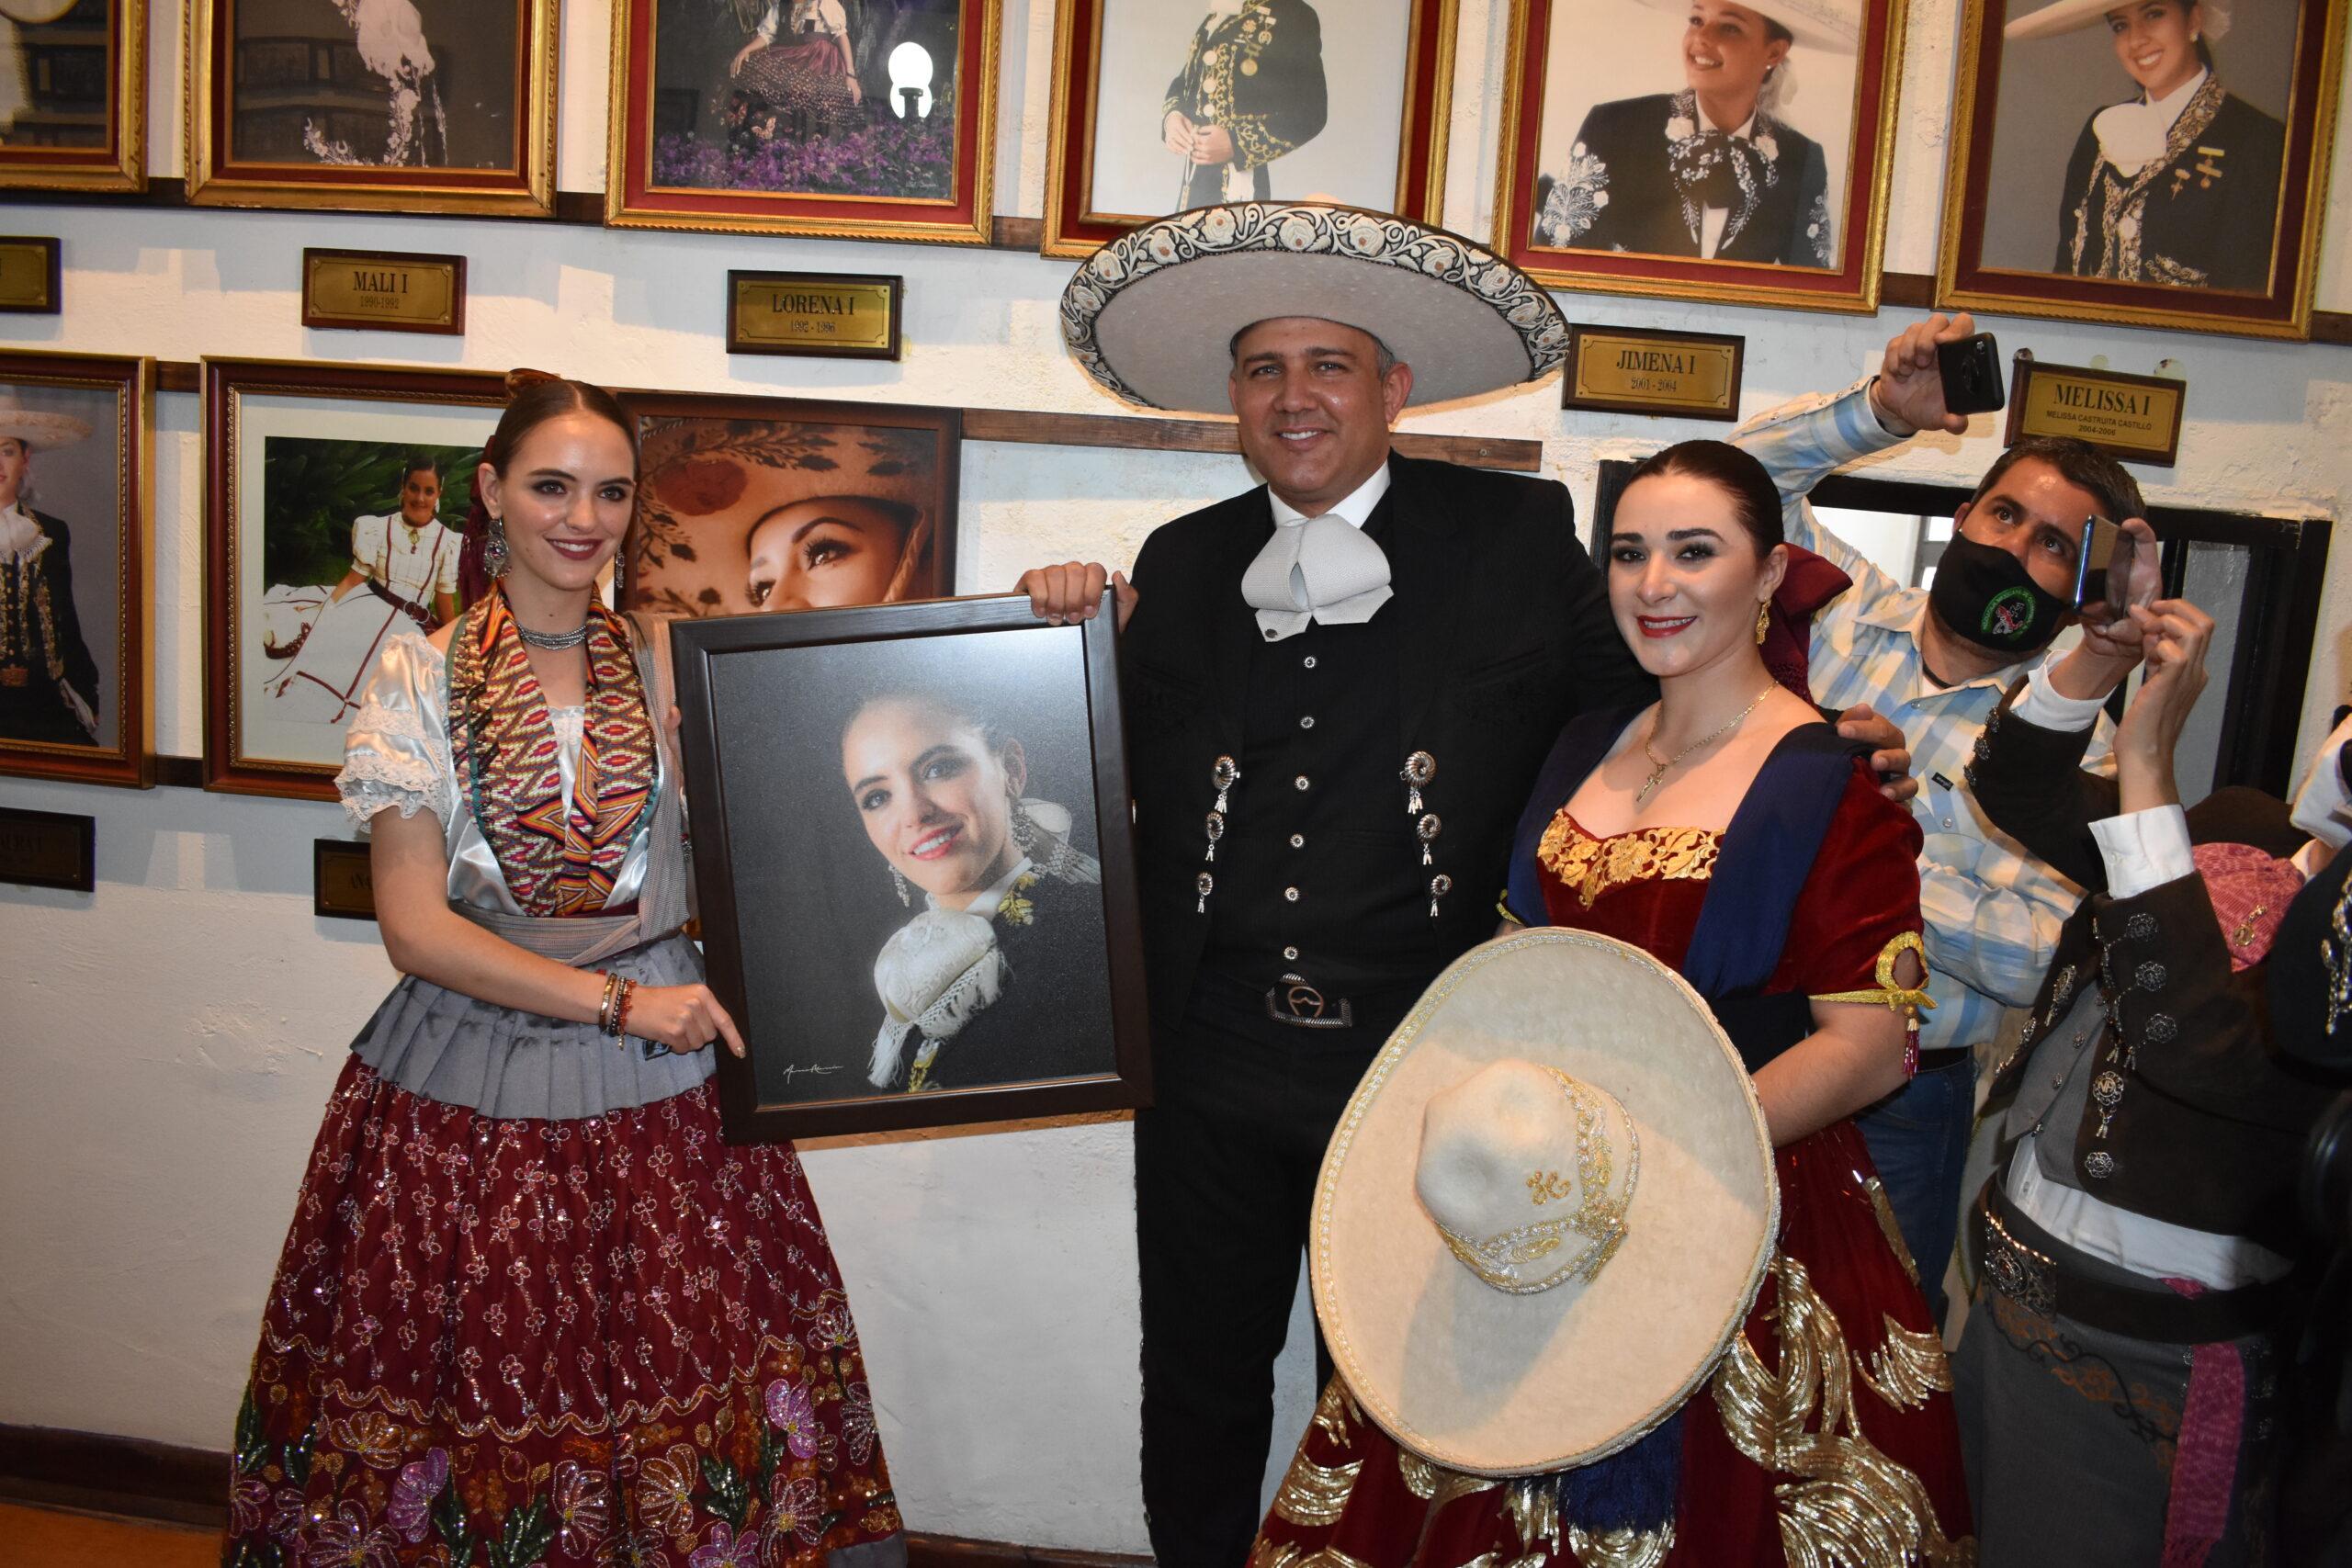 El presidente de la Federación y la siguiente soberana nacional, María Isabel Aceves Aceves, en el acto de colocar el retrato de la actual Reina Nacional, SGM Maria I, en la Galería de Reinas